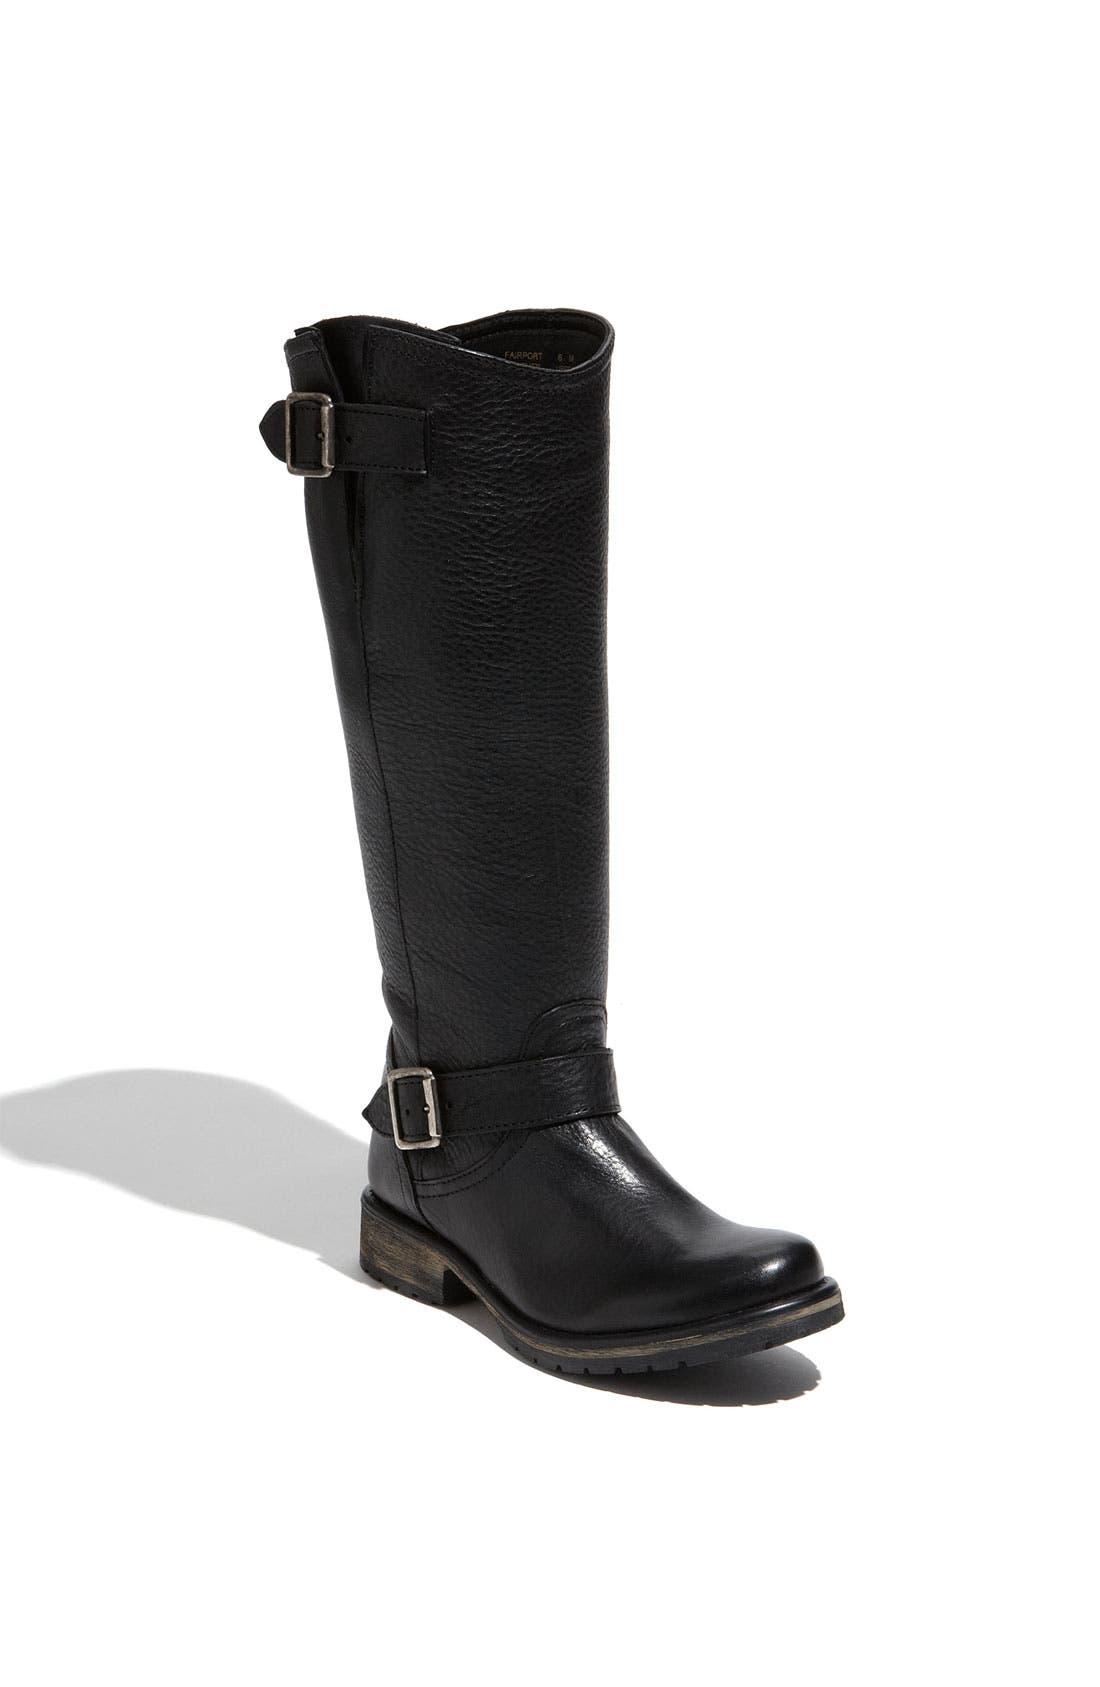 Alternate Image 1 Selected - Steve Madden 'Fairport' Boot